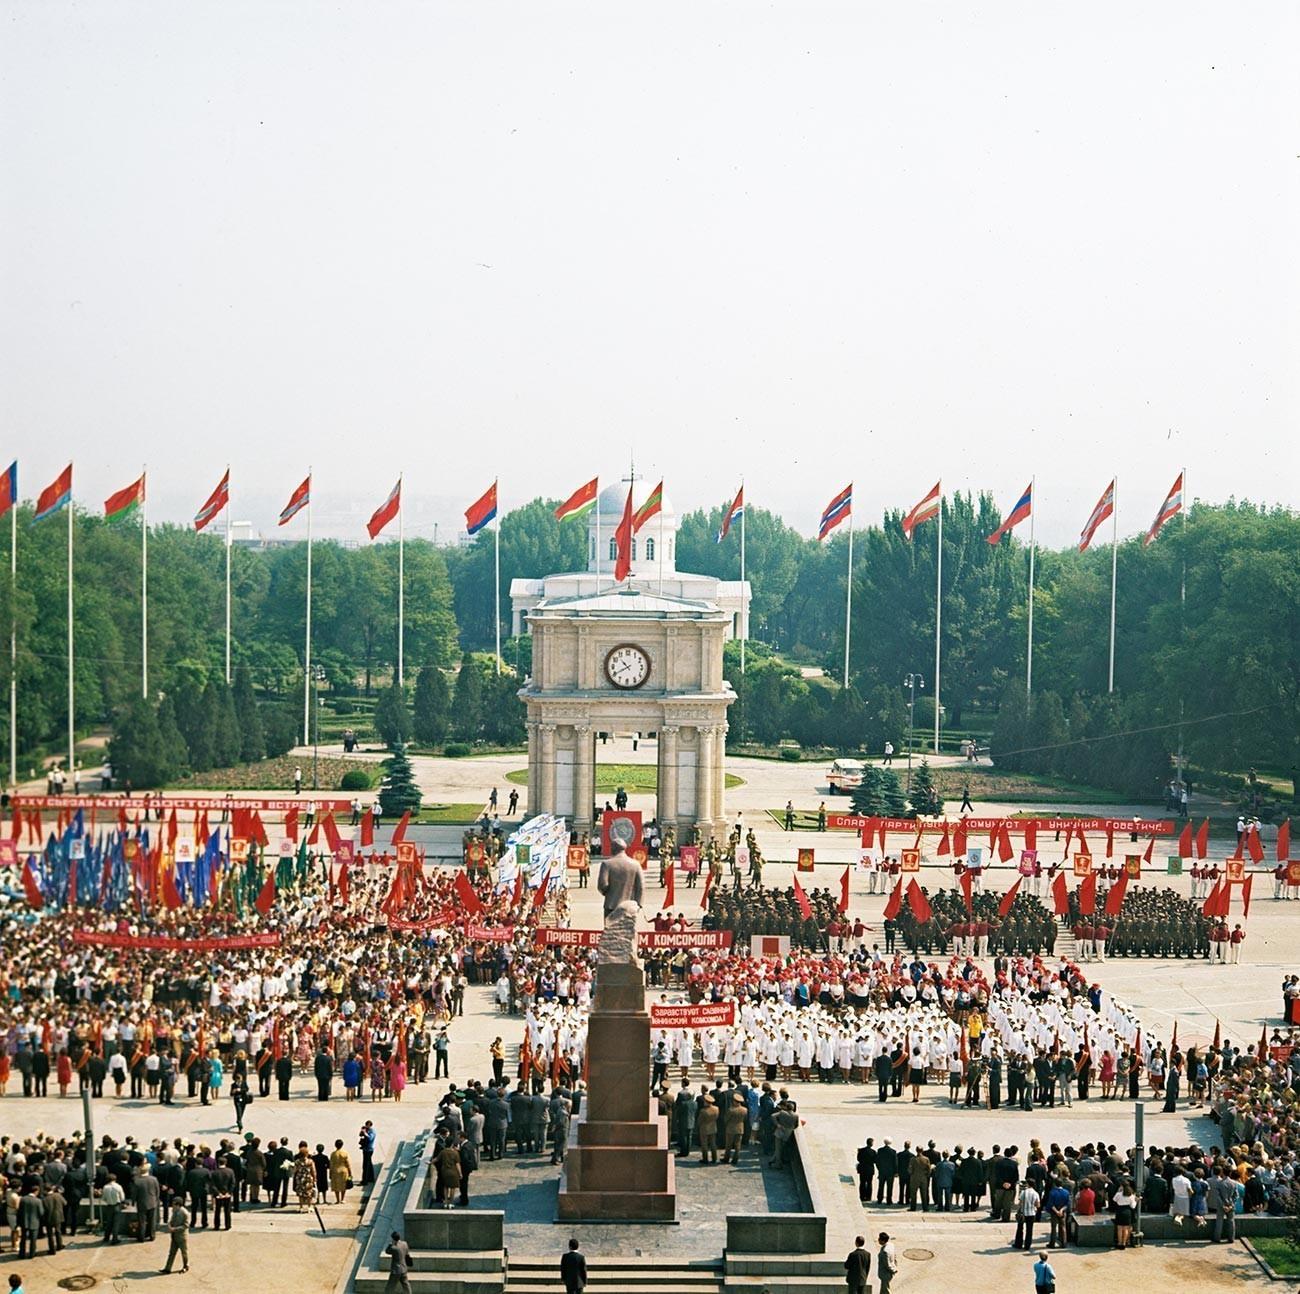 Praznovanje dneva zmage, Trg zmage v Kišinjevu, 1976